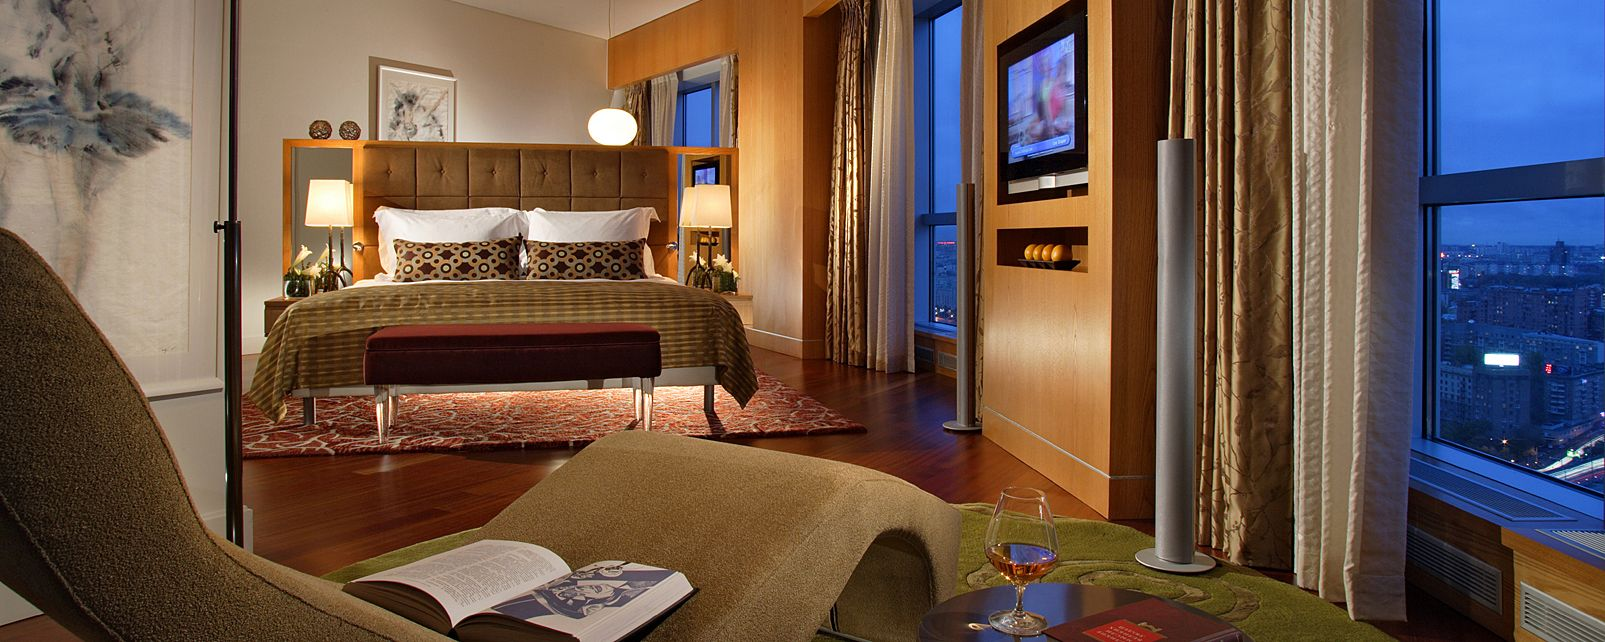 Hôtel Swiss�tel Krasnye Holmy